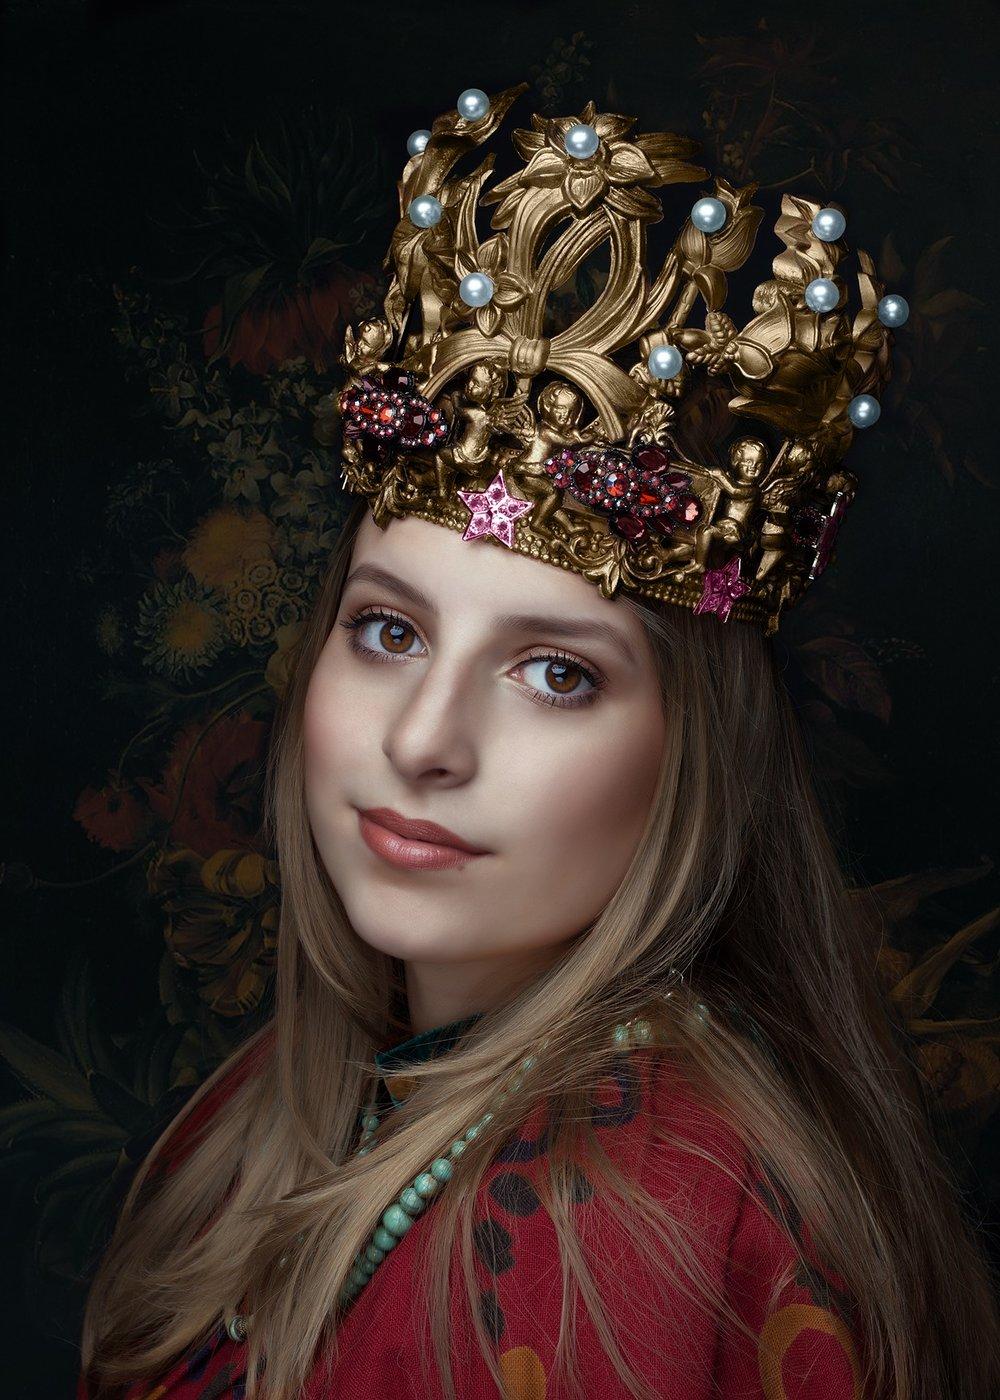 queen-2623776_1920.jpg